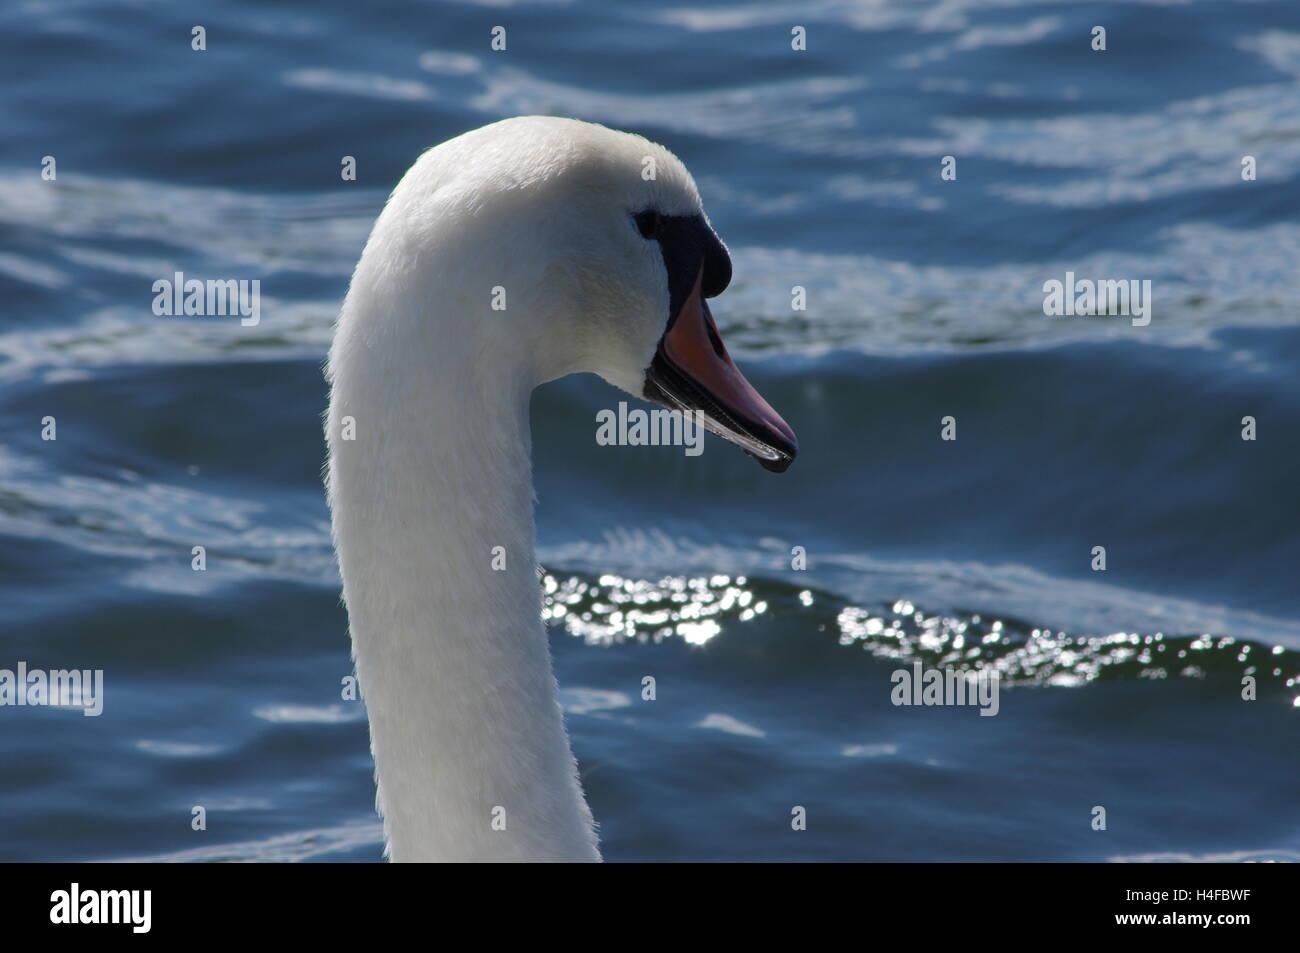 Primer plano de la cabeza de un cisne contra un telón de fondo de un profundo azul agua tomada con luz solar Imagen De Stock